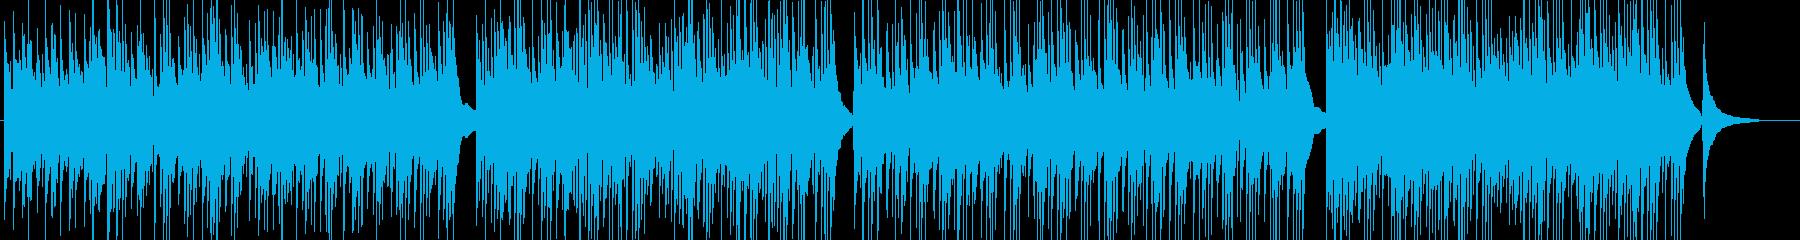 自然・カフェ=オーガニックなギターBGMの再生済みの波形